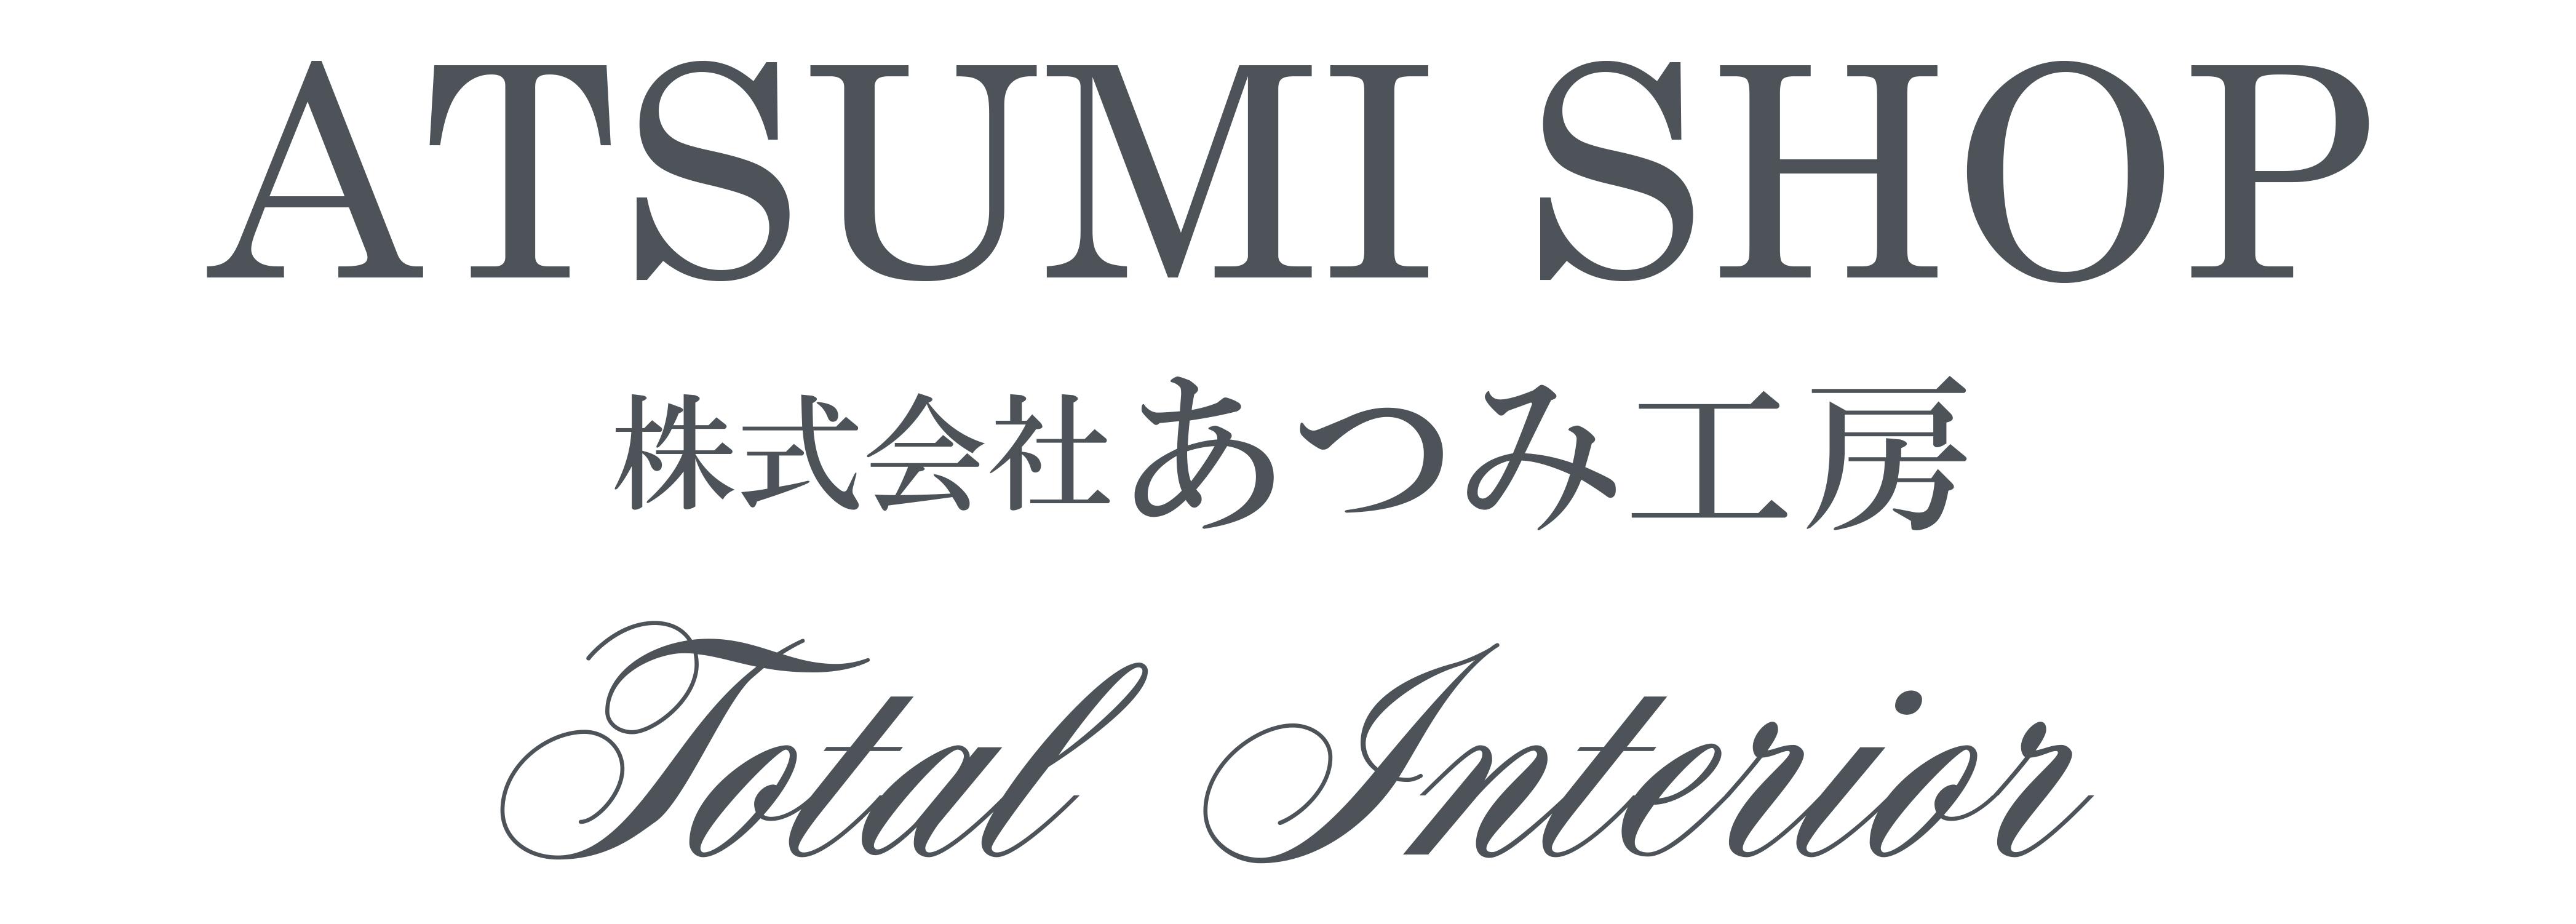 株式会社あつみ工房 ATSUMI SHOP ロゴ